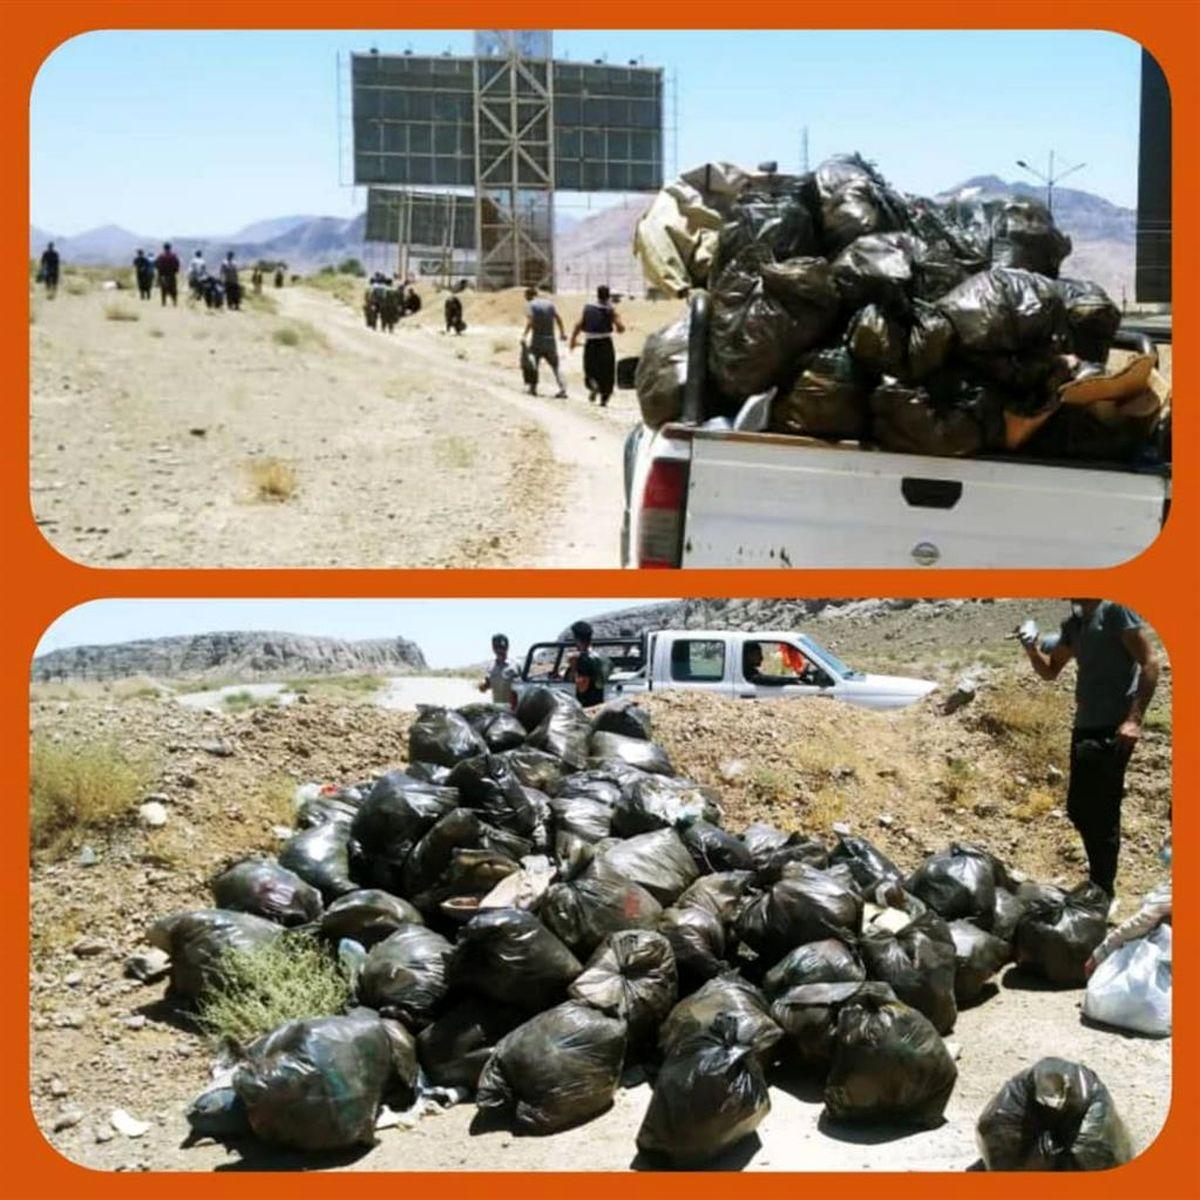 پاکسازی پارک ملی کلاه قاضی توسط زندانیان شهرستان مبارکه